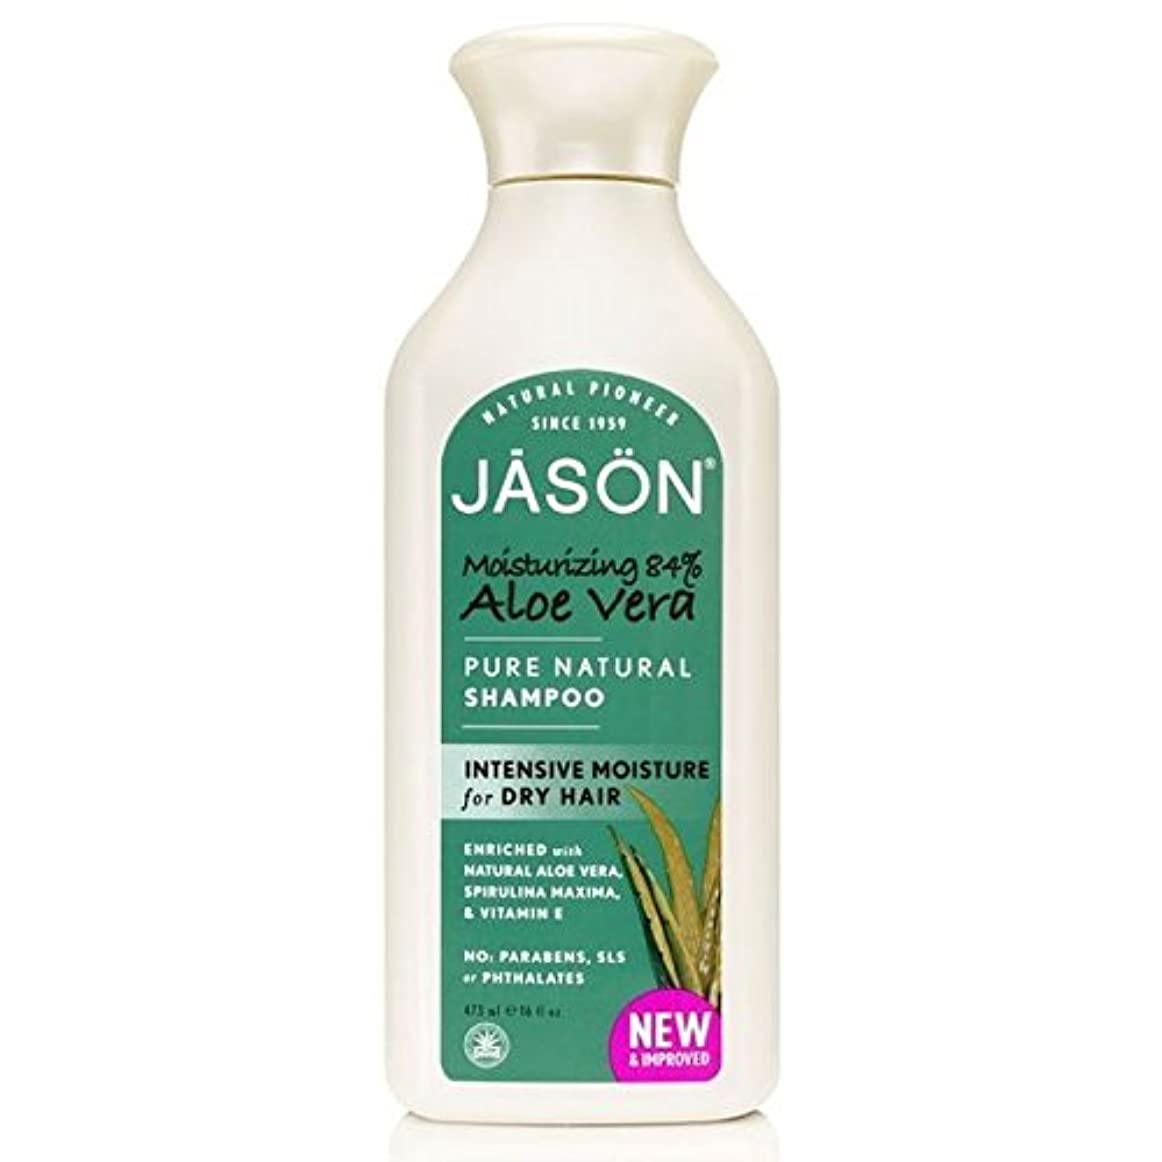 四分円せがむ溶岩Jason Aloe Vera 84% Pure Natural Shampoo 475ml - ジェイソンのアロエベラ84%の純粋な天然シャンプー475ミリリットル [並行輸入品]